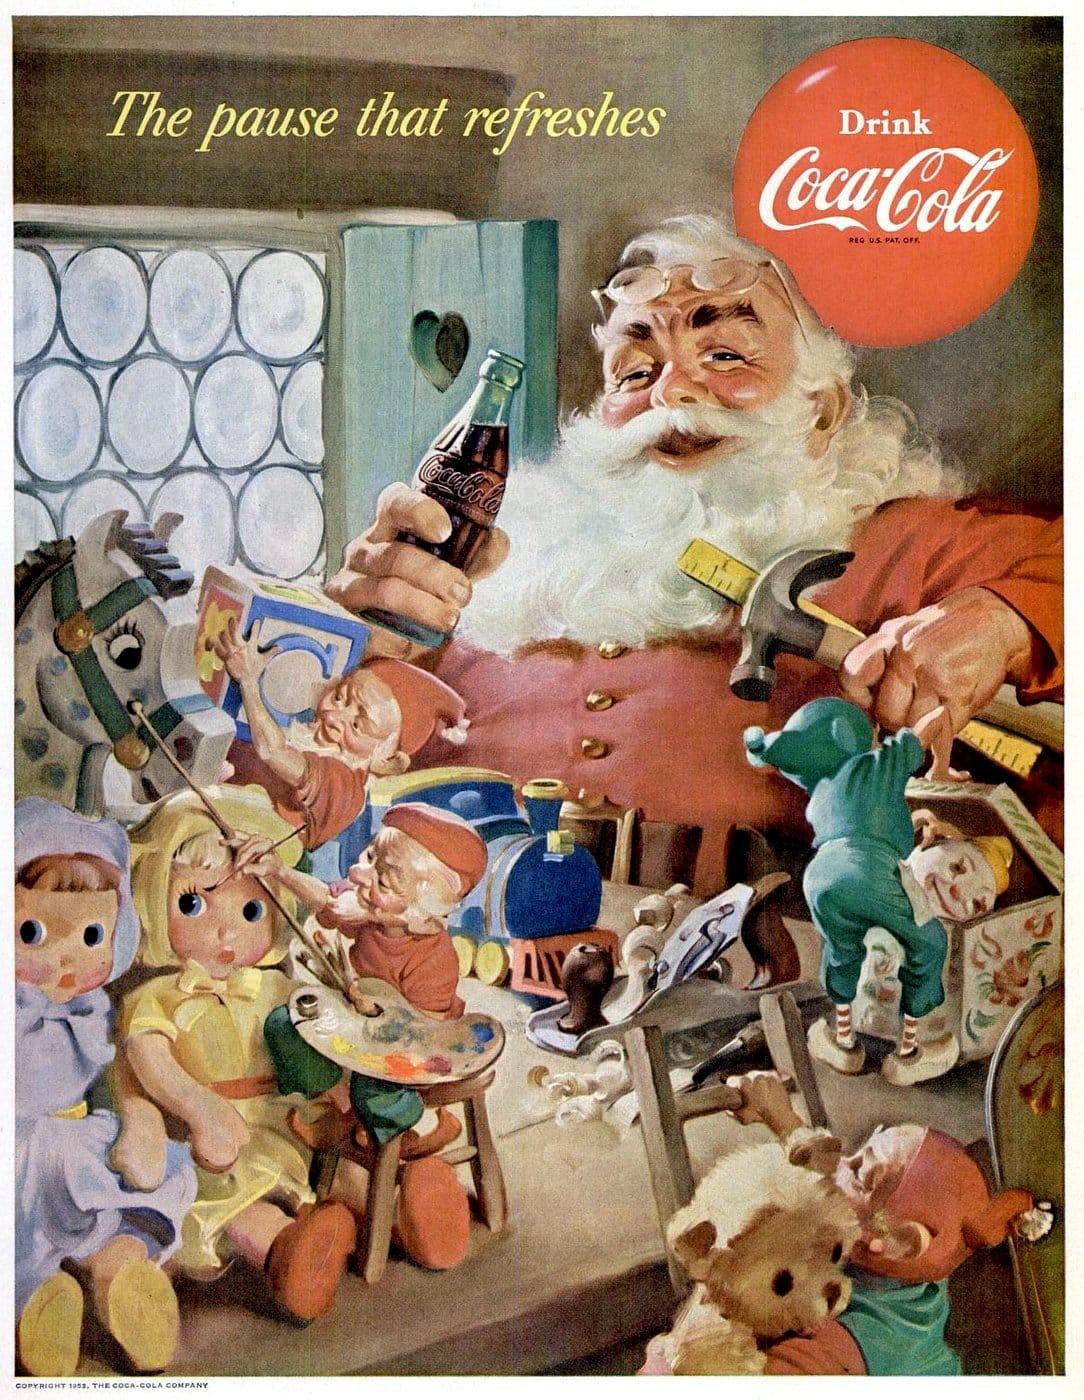 Coca Cola Babbo Natale.La Storia Della Coca Cola E Di Babbo Natale Aspettando Natale